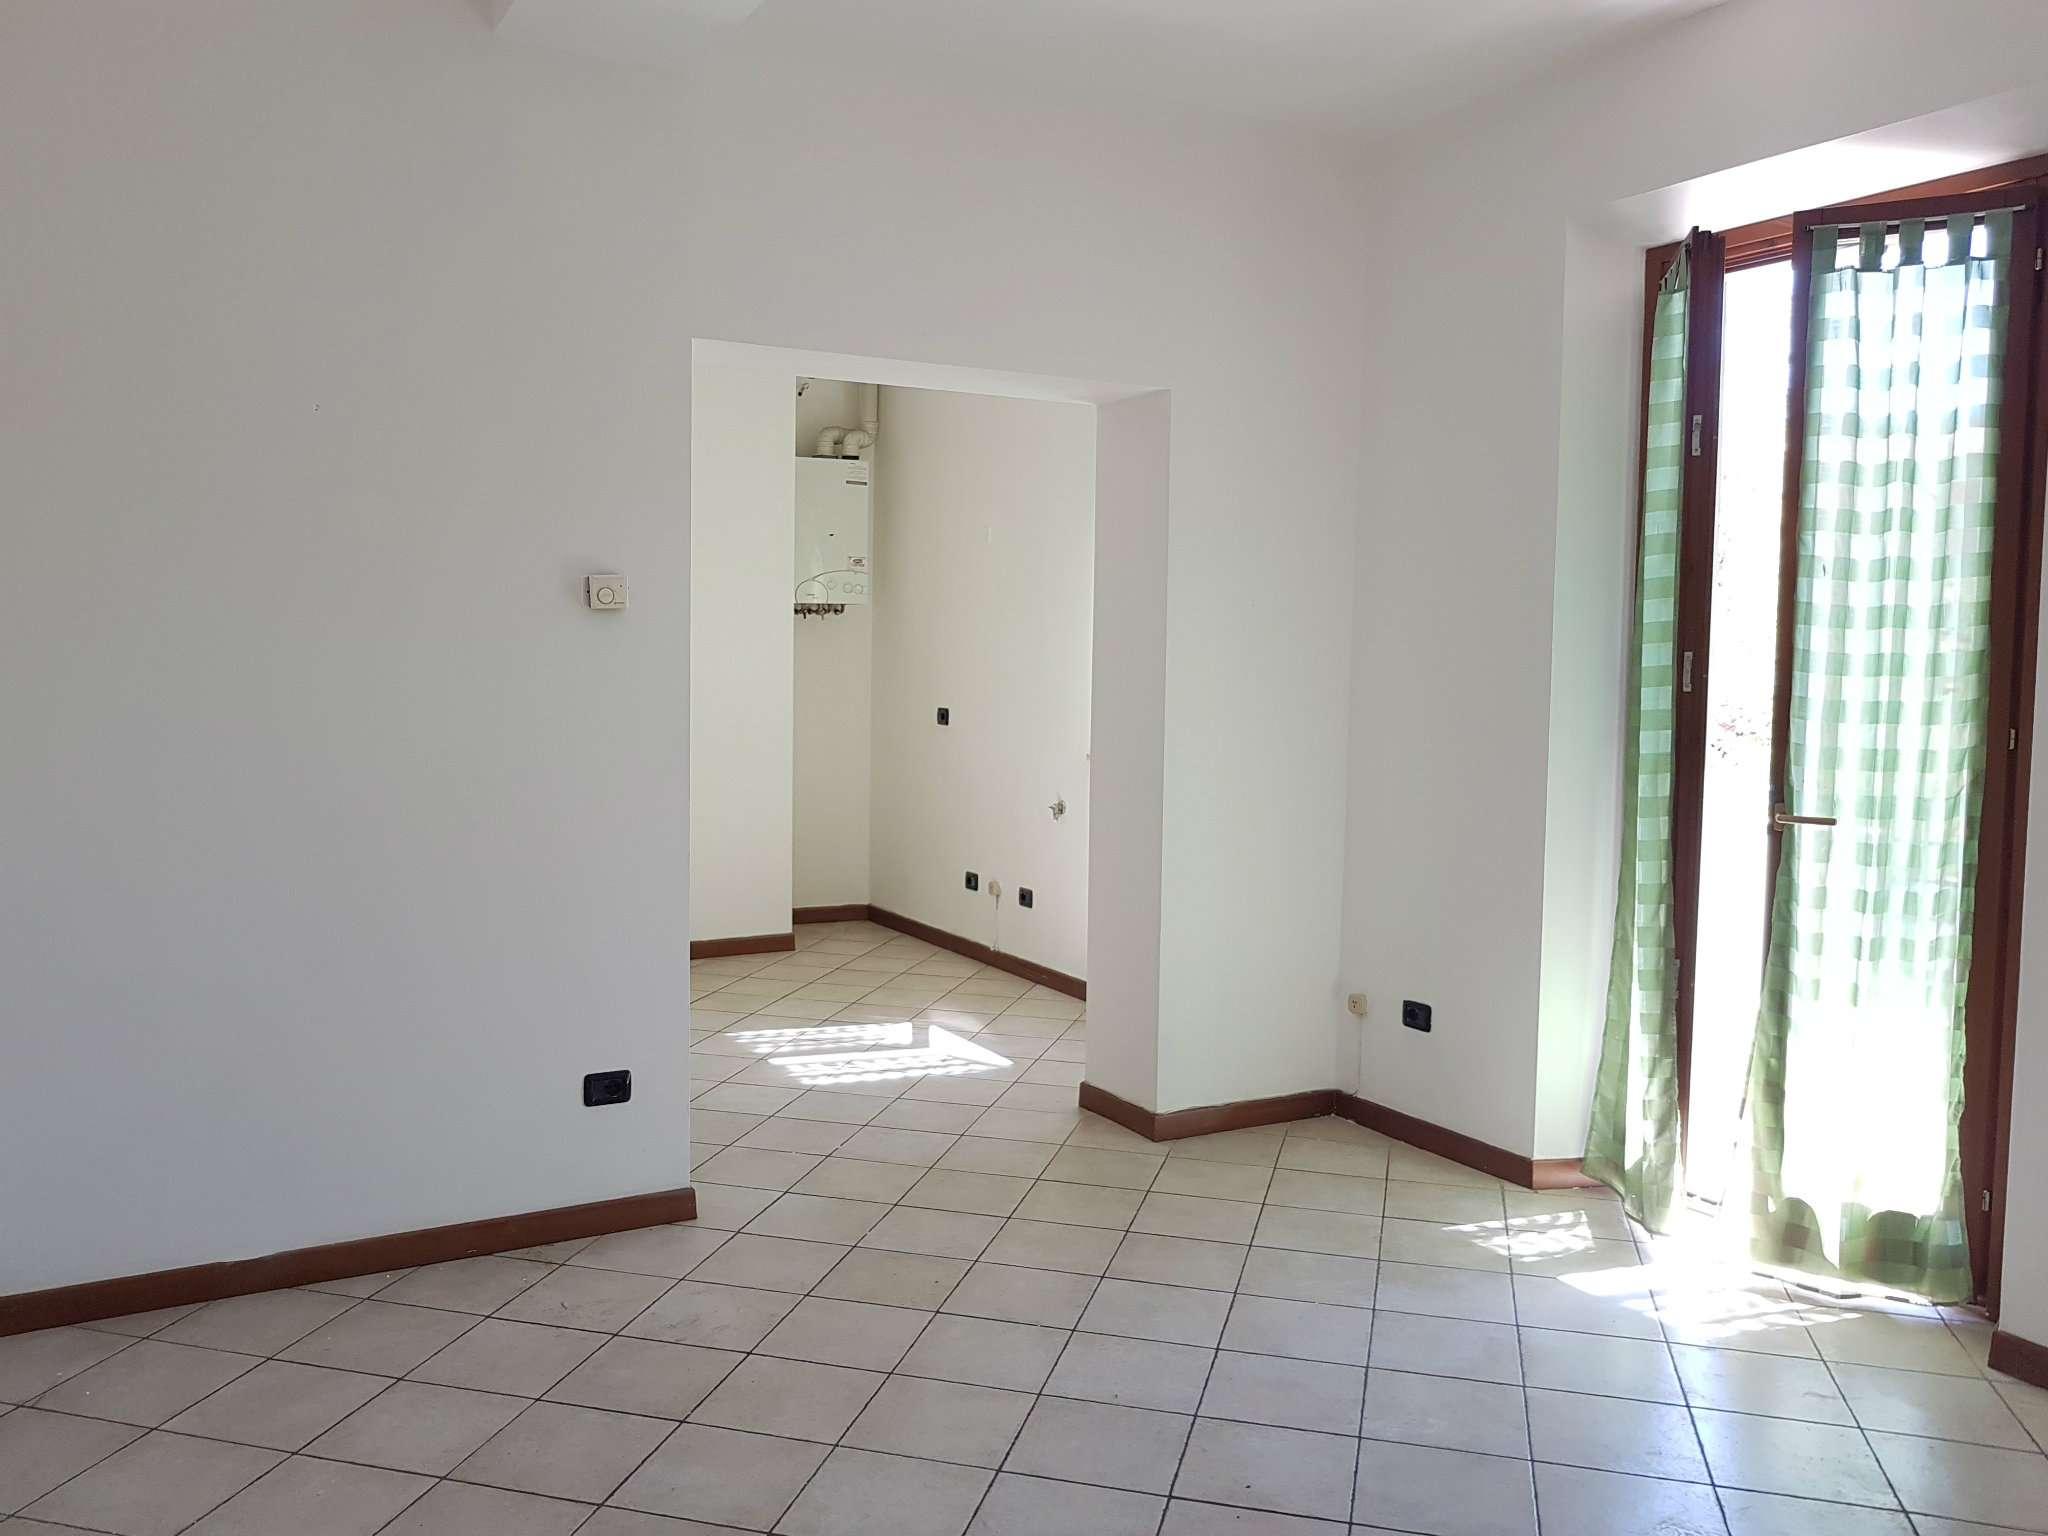 Appartamento in affitto a Arezzo, 2 locali, prezzo € 450 | CambioCasa.it